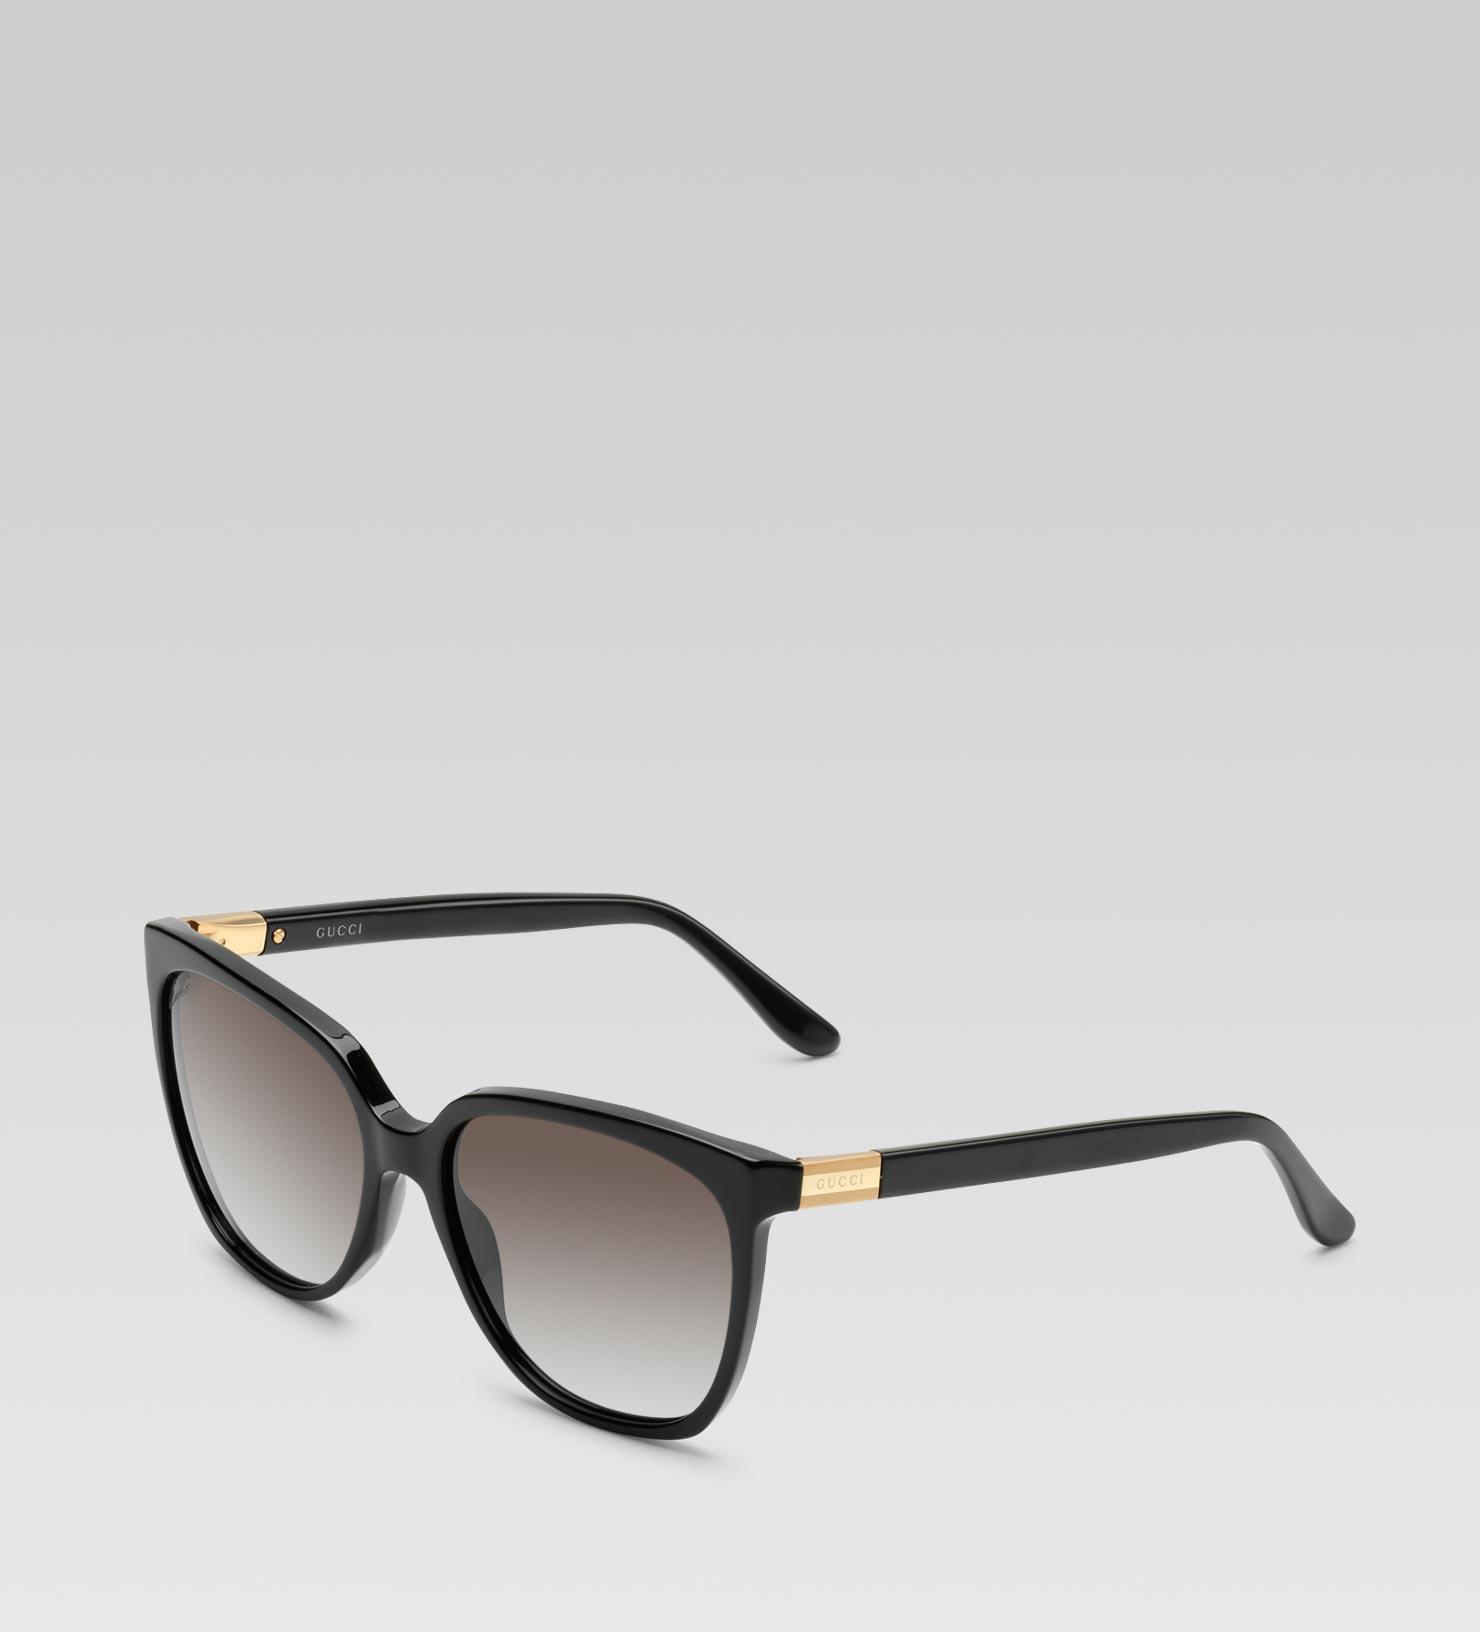 e15661db6e8 Lyst - Gucci Medium Square Frame Sunglasses with Gucci Web Plaque ...